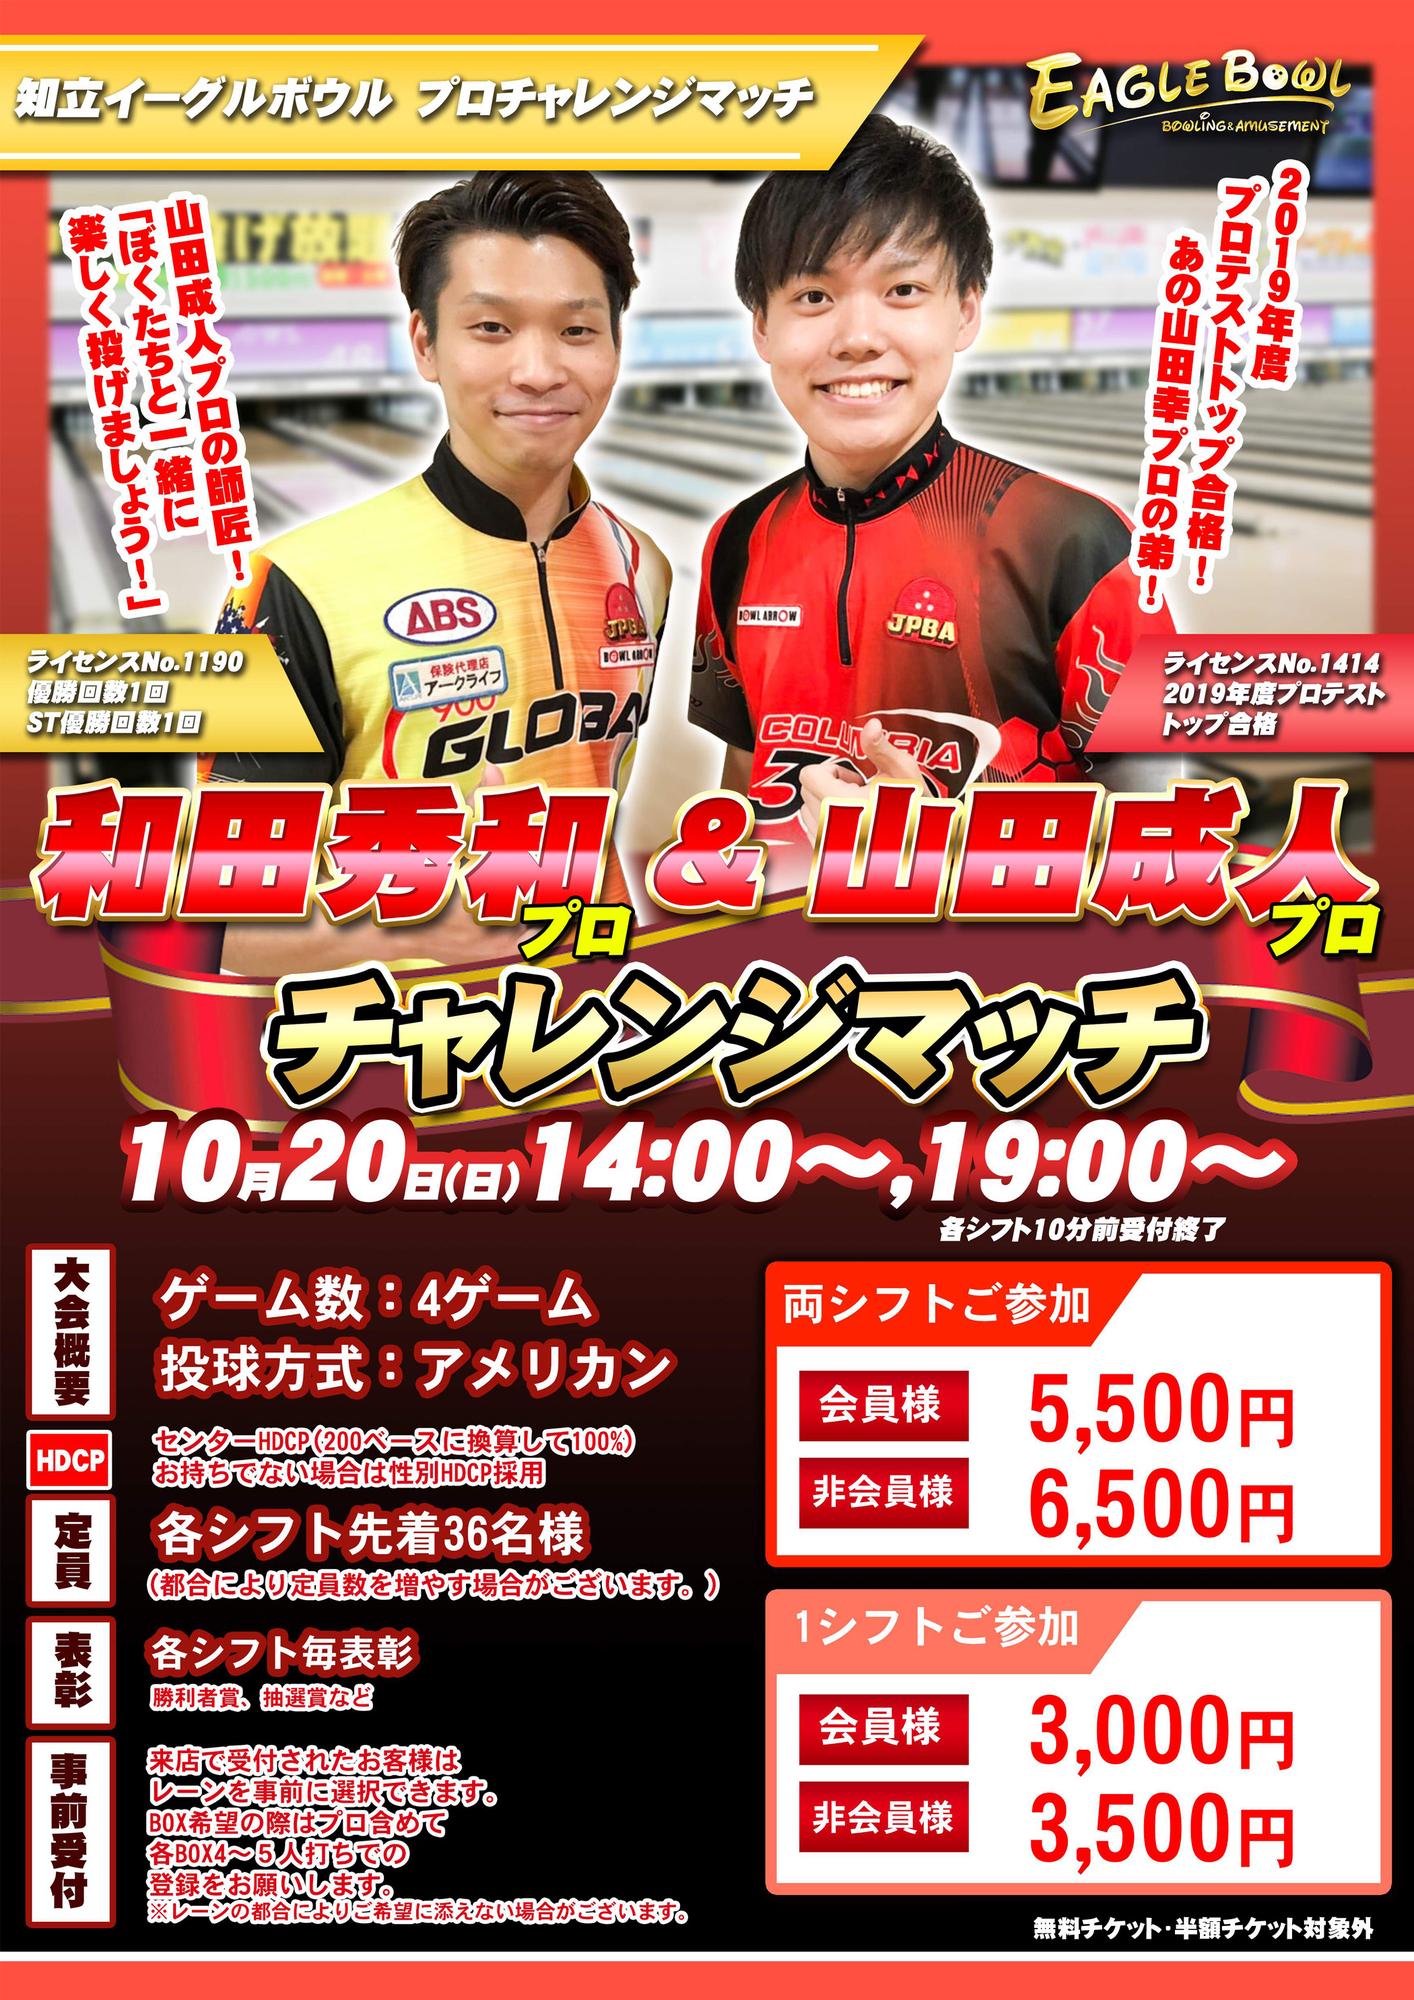 10/20 和田秀和プロ&山田成人プロチャレンジ